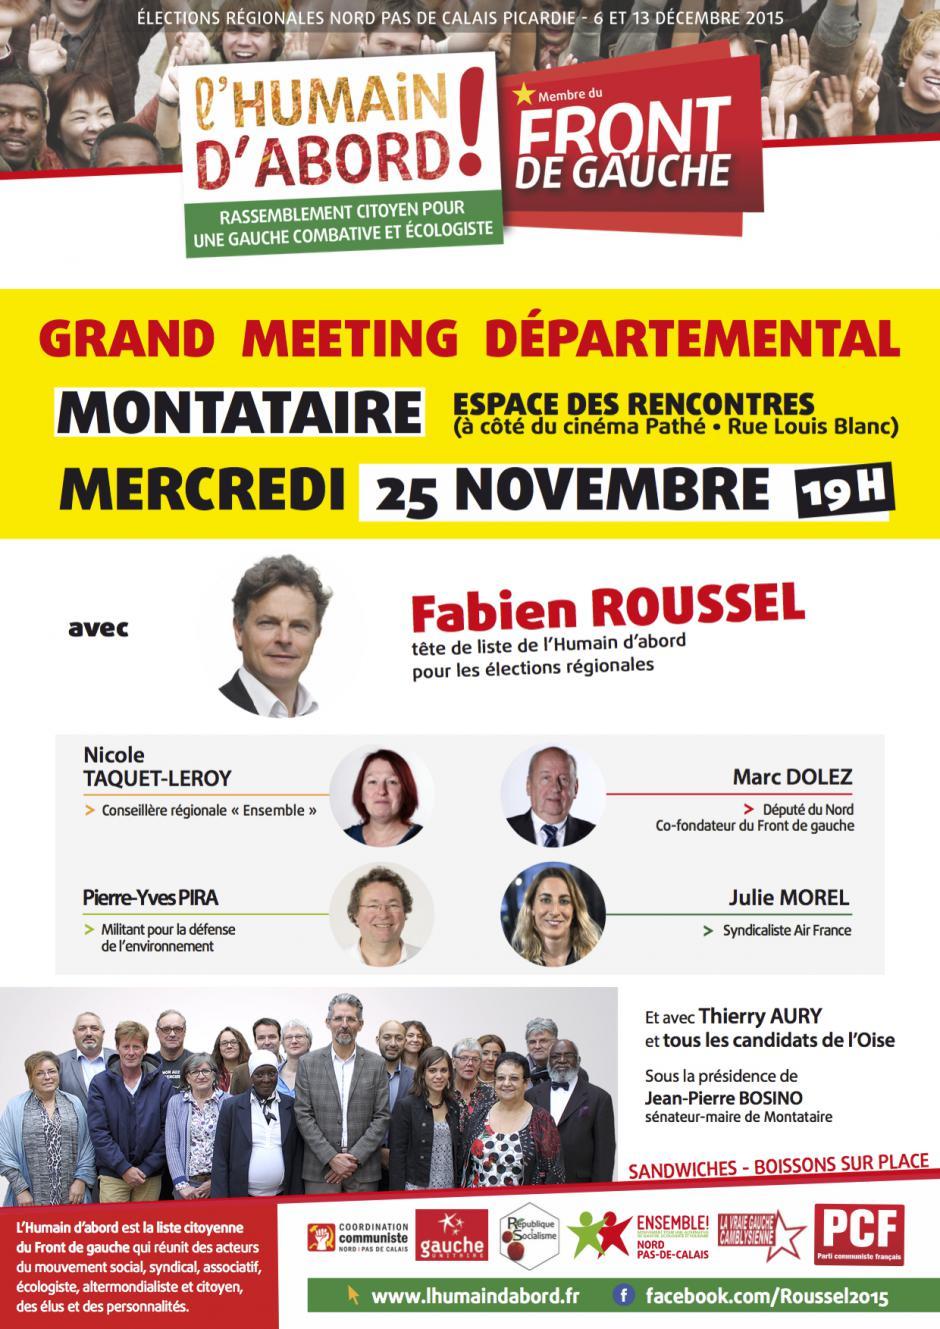 Tract de campagne de la liste Front de gauche l'Humain d'abord «Meeting départemental - Liberté-Égalité-Fraternité » - Oise, élection régionale Nord-Pas-de-Calais-Picardie, 19 novembre 2015